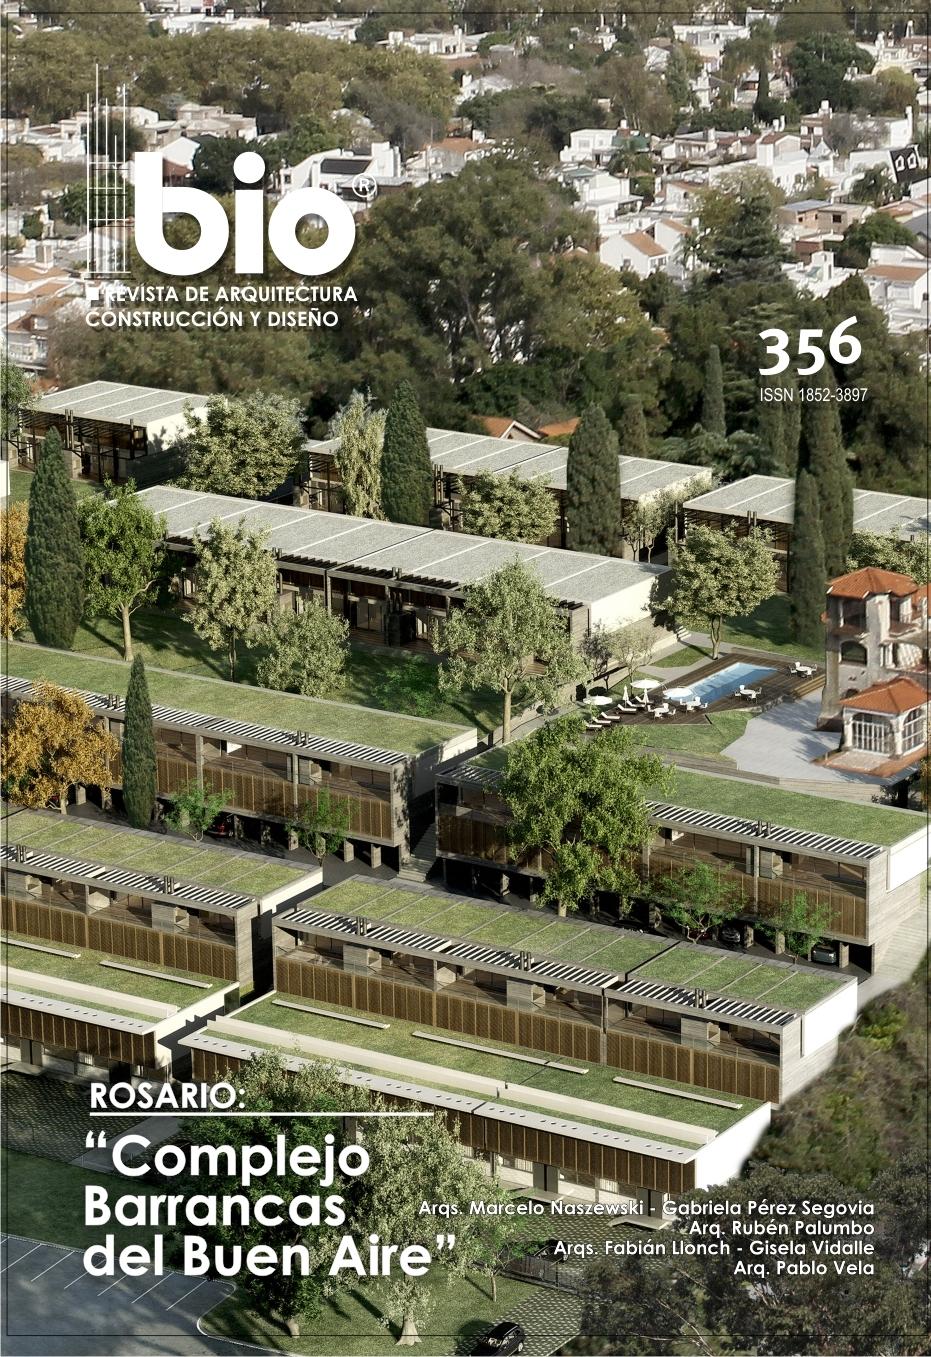 Tapa Revista BIO #356 / Cover BIO Magazine #356